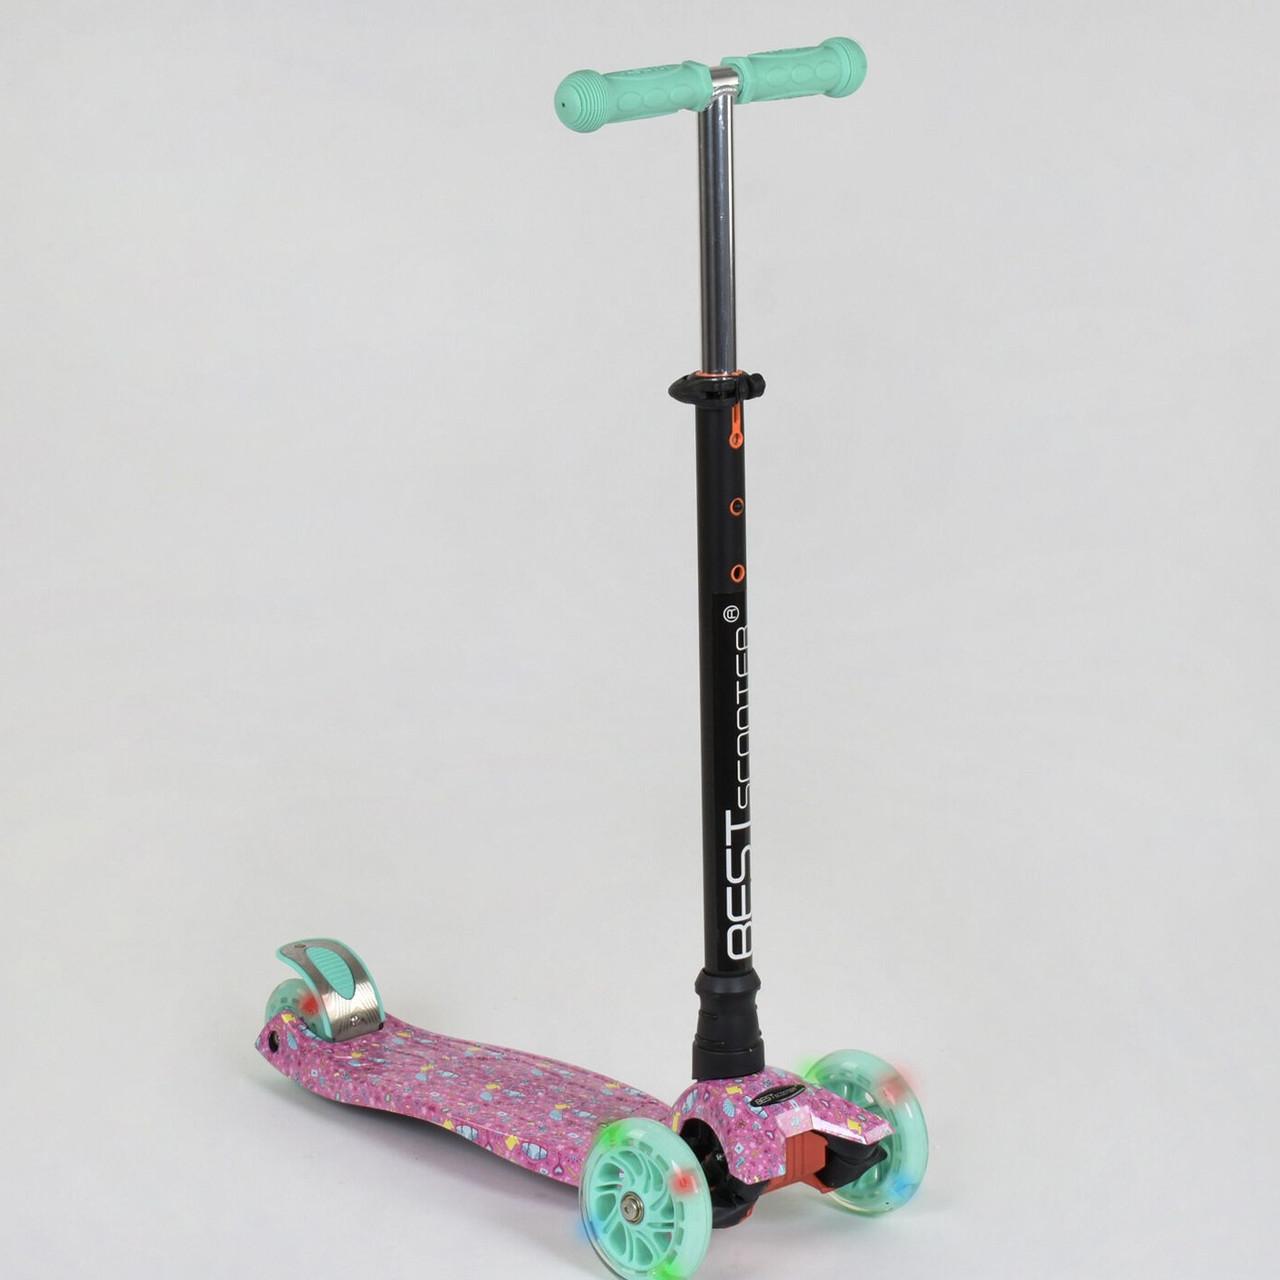 Самокат Best scooter MAXI граффити 1337